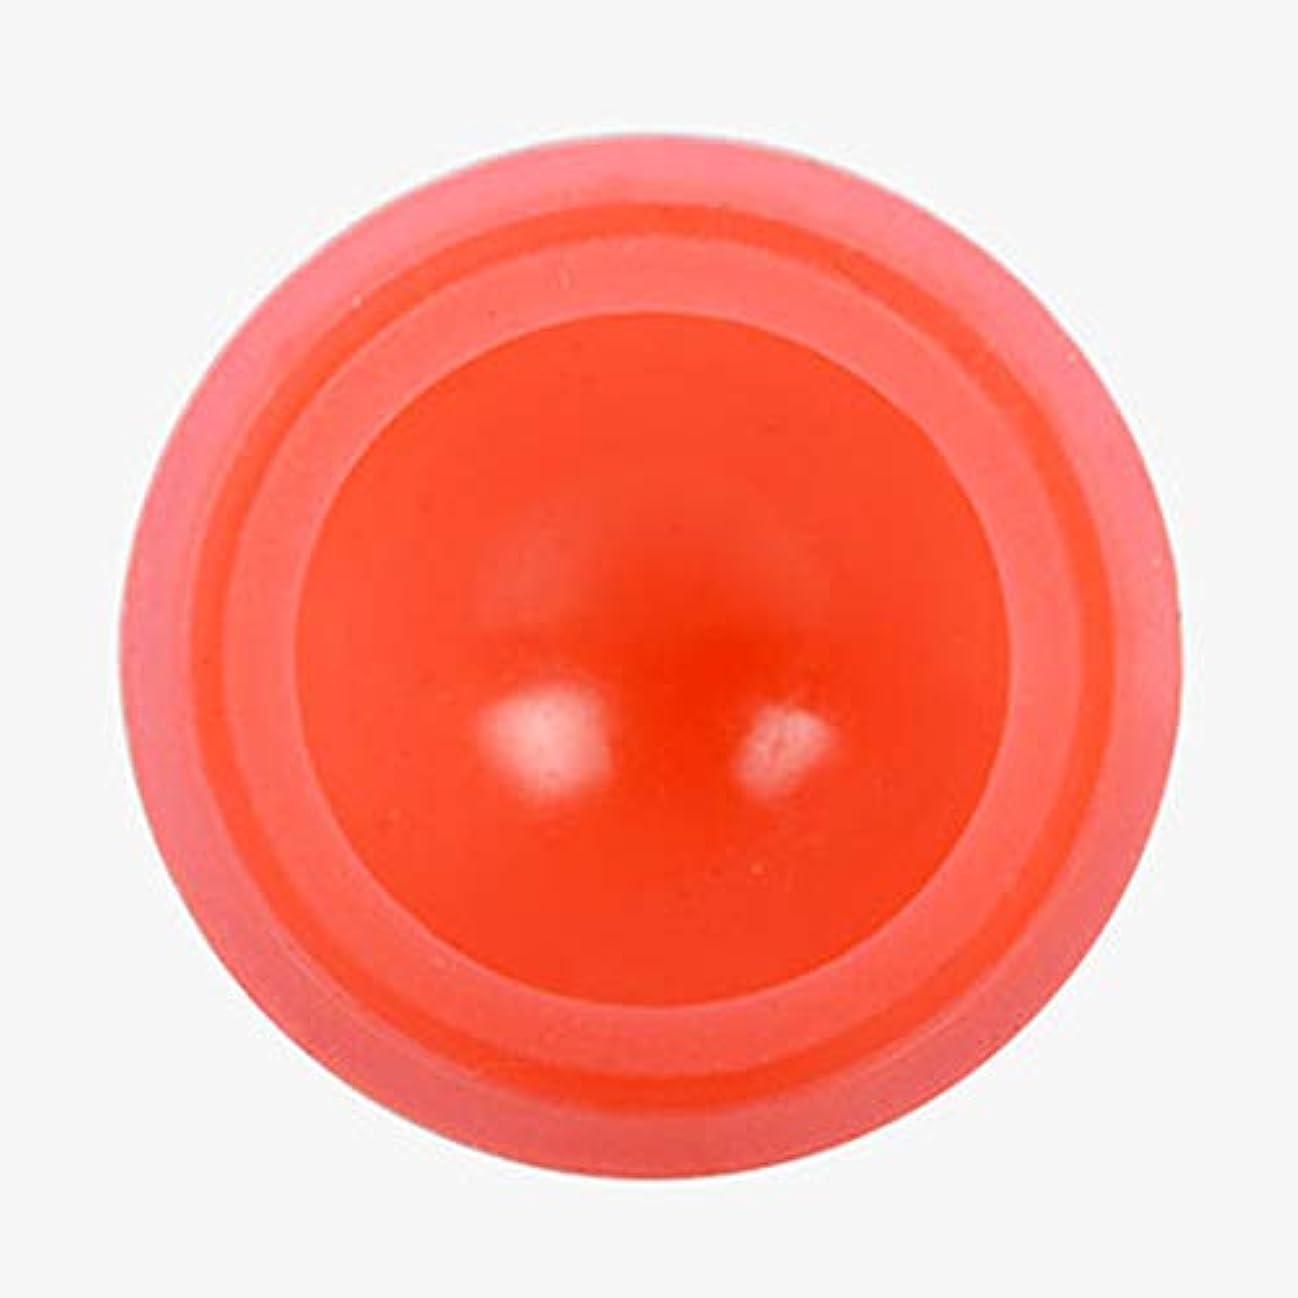 マッサージカッピング カッピング シリコンカッピング 吸い玉 真空セラピー 脂肪吸引 康祝 関節と筋肉痛救済 セルライト治療,オレンジ色